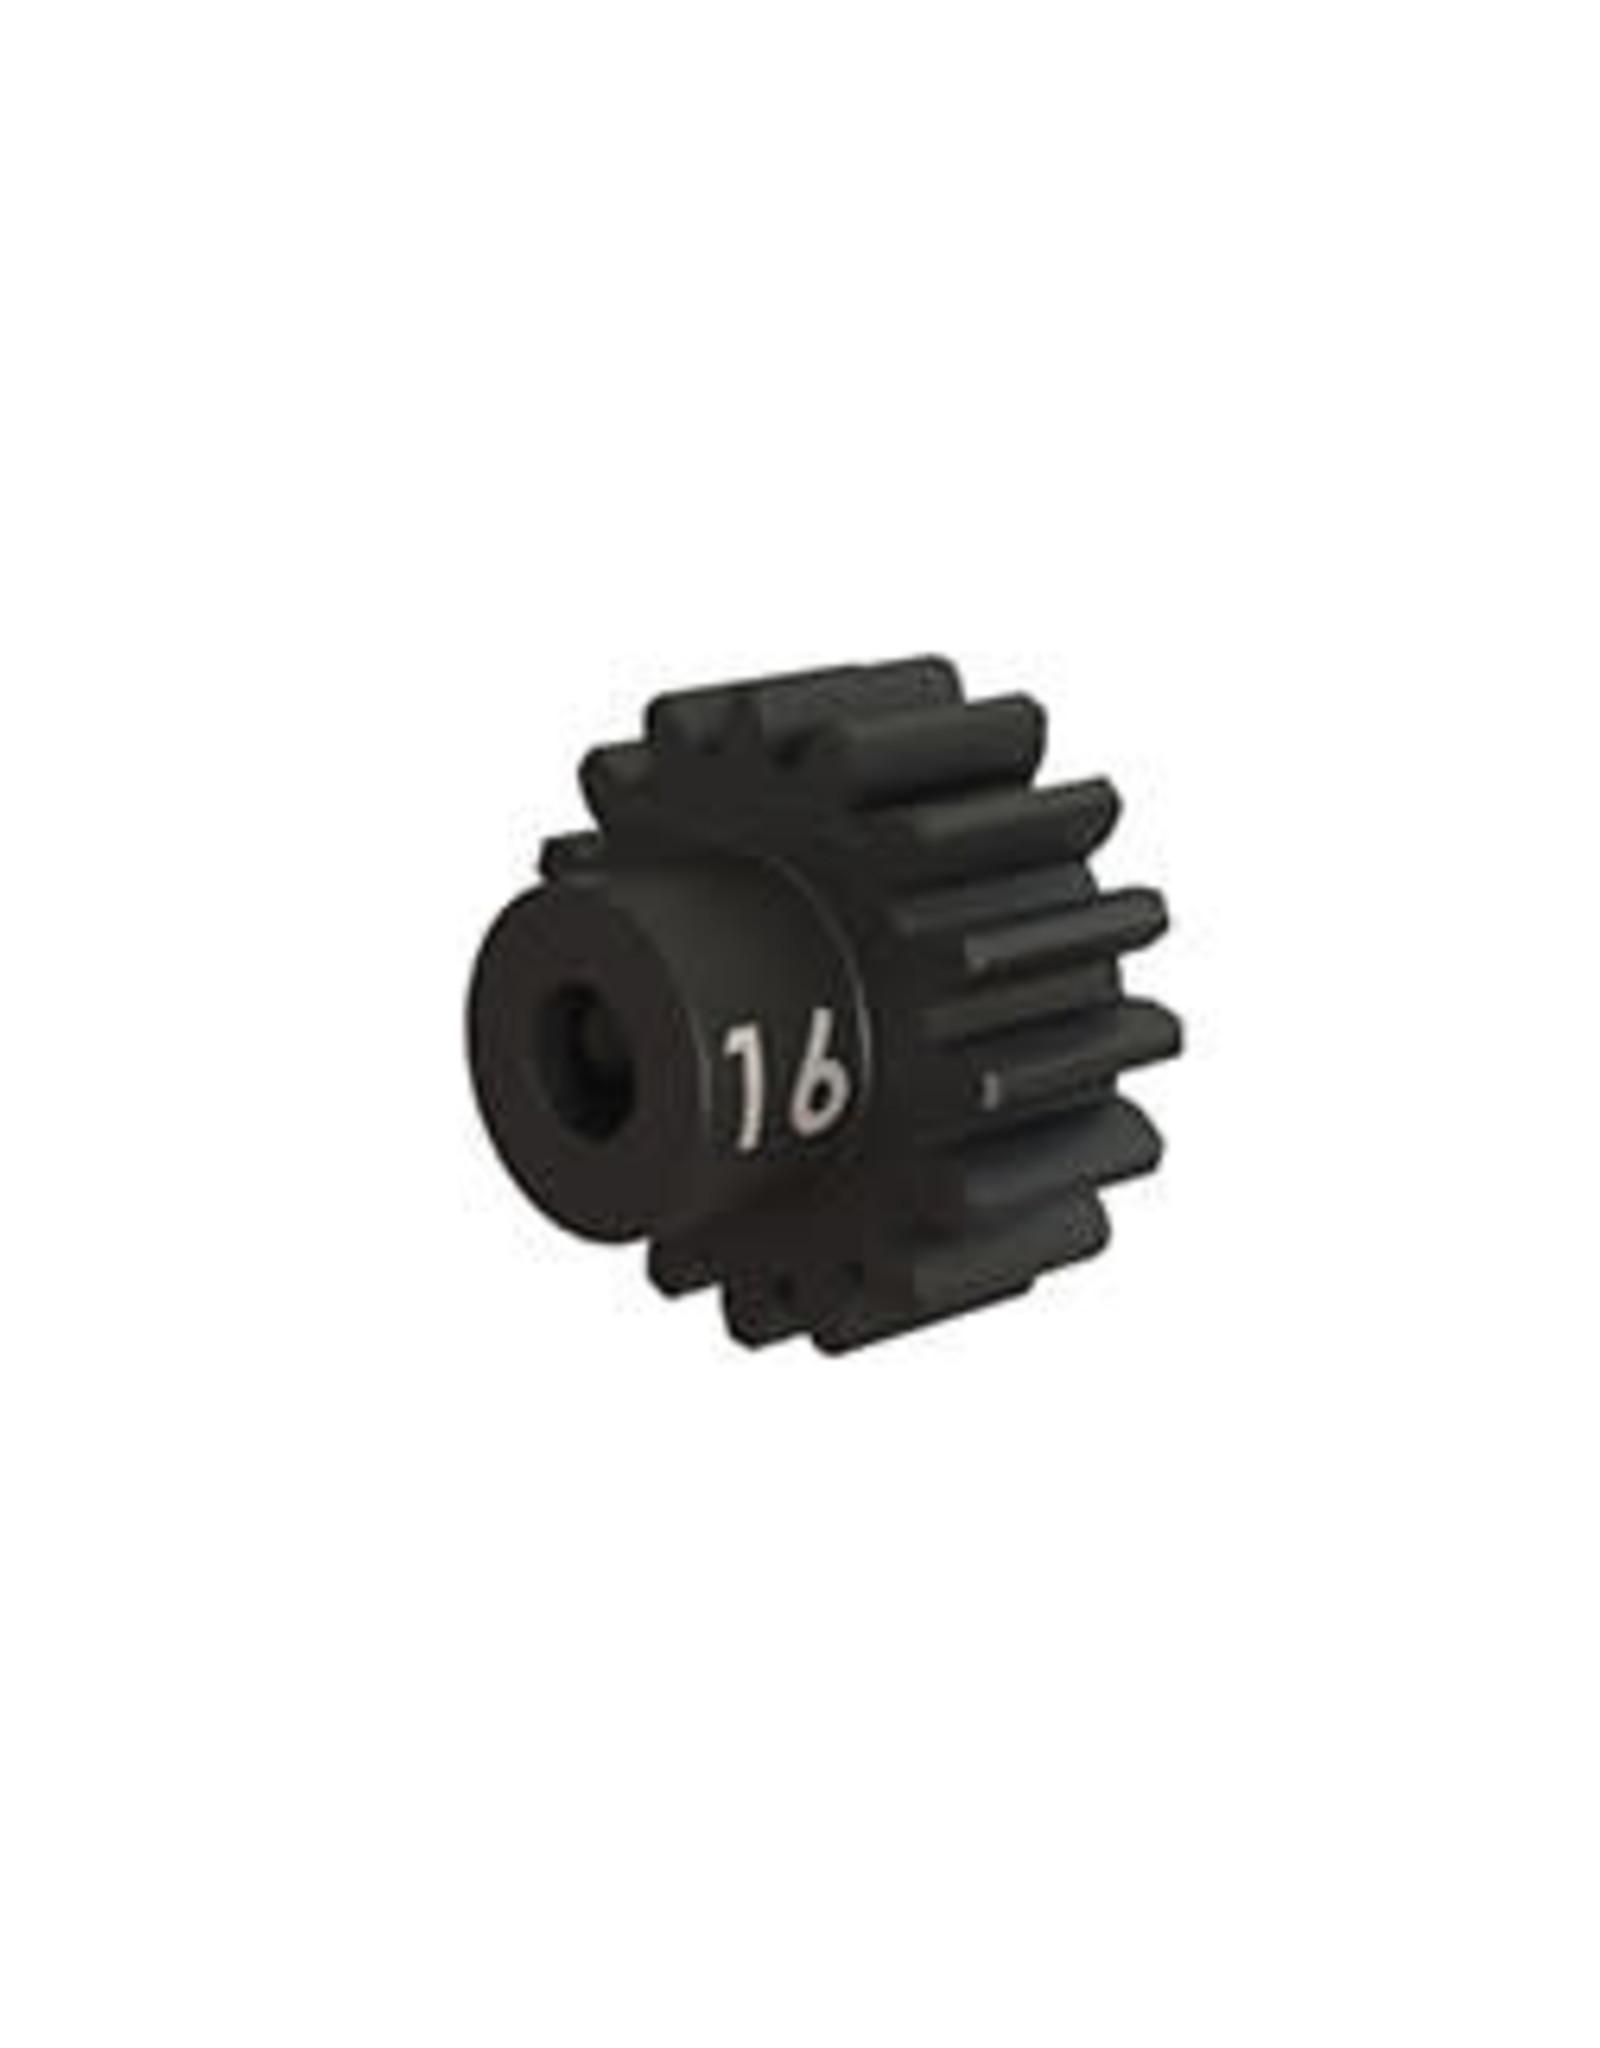 Traxxas Pinion Gear 16T 32-P HVY Duty 3946X